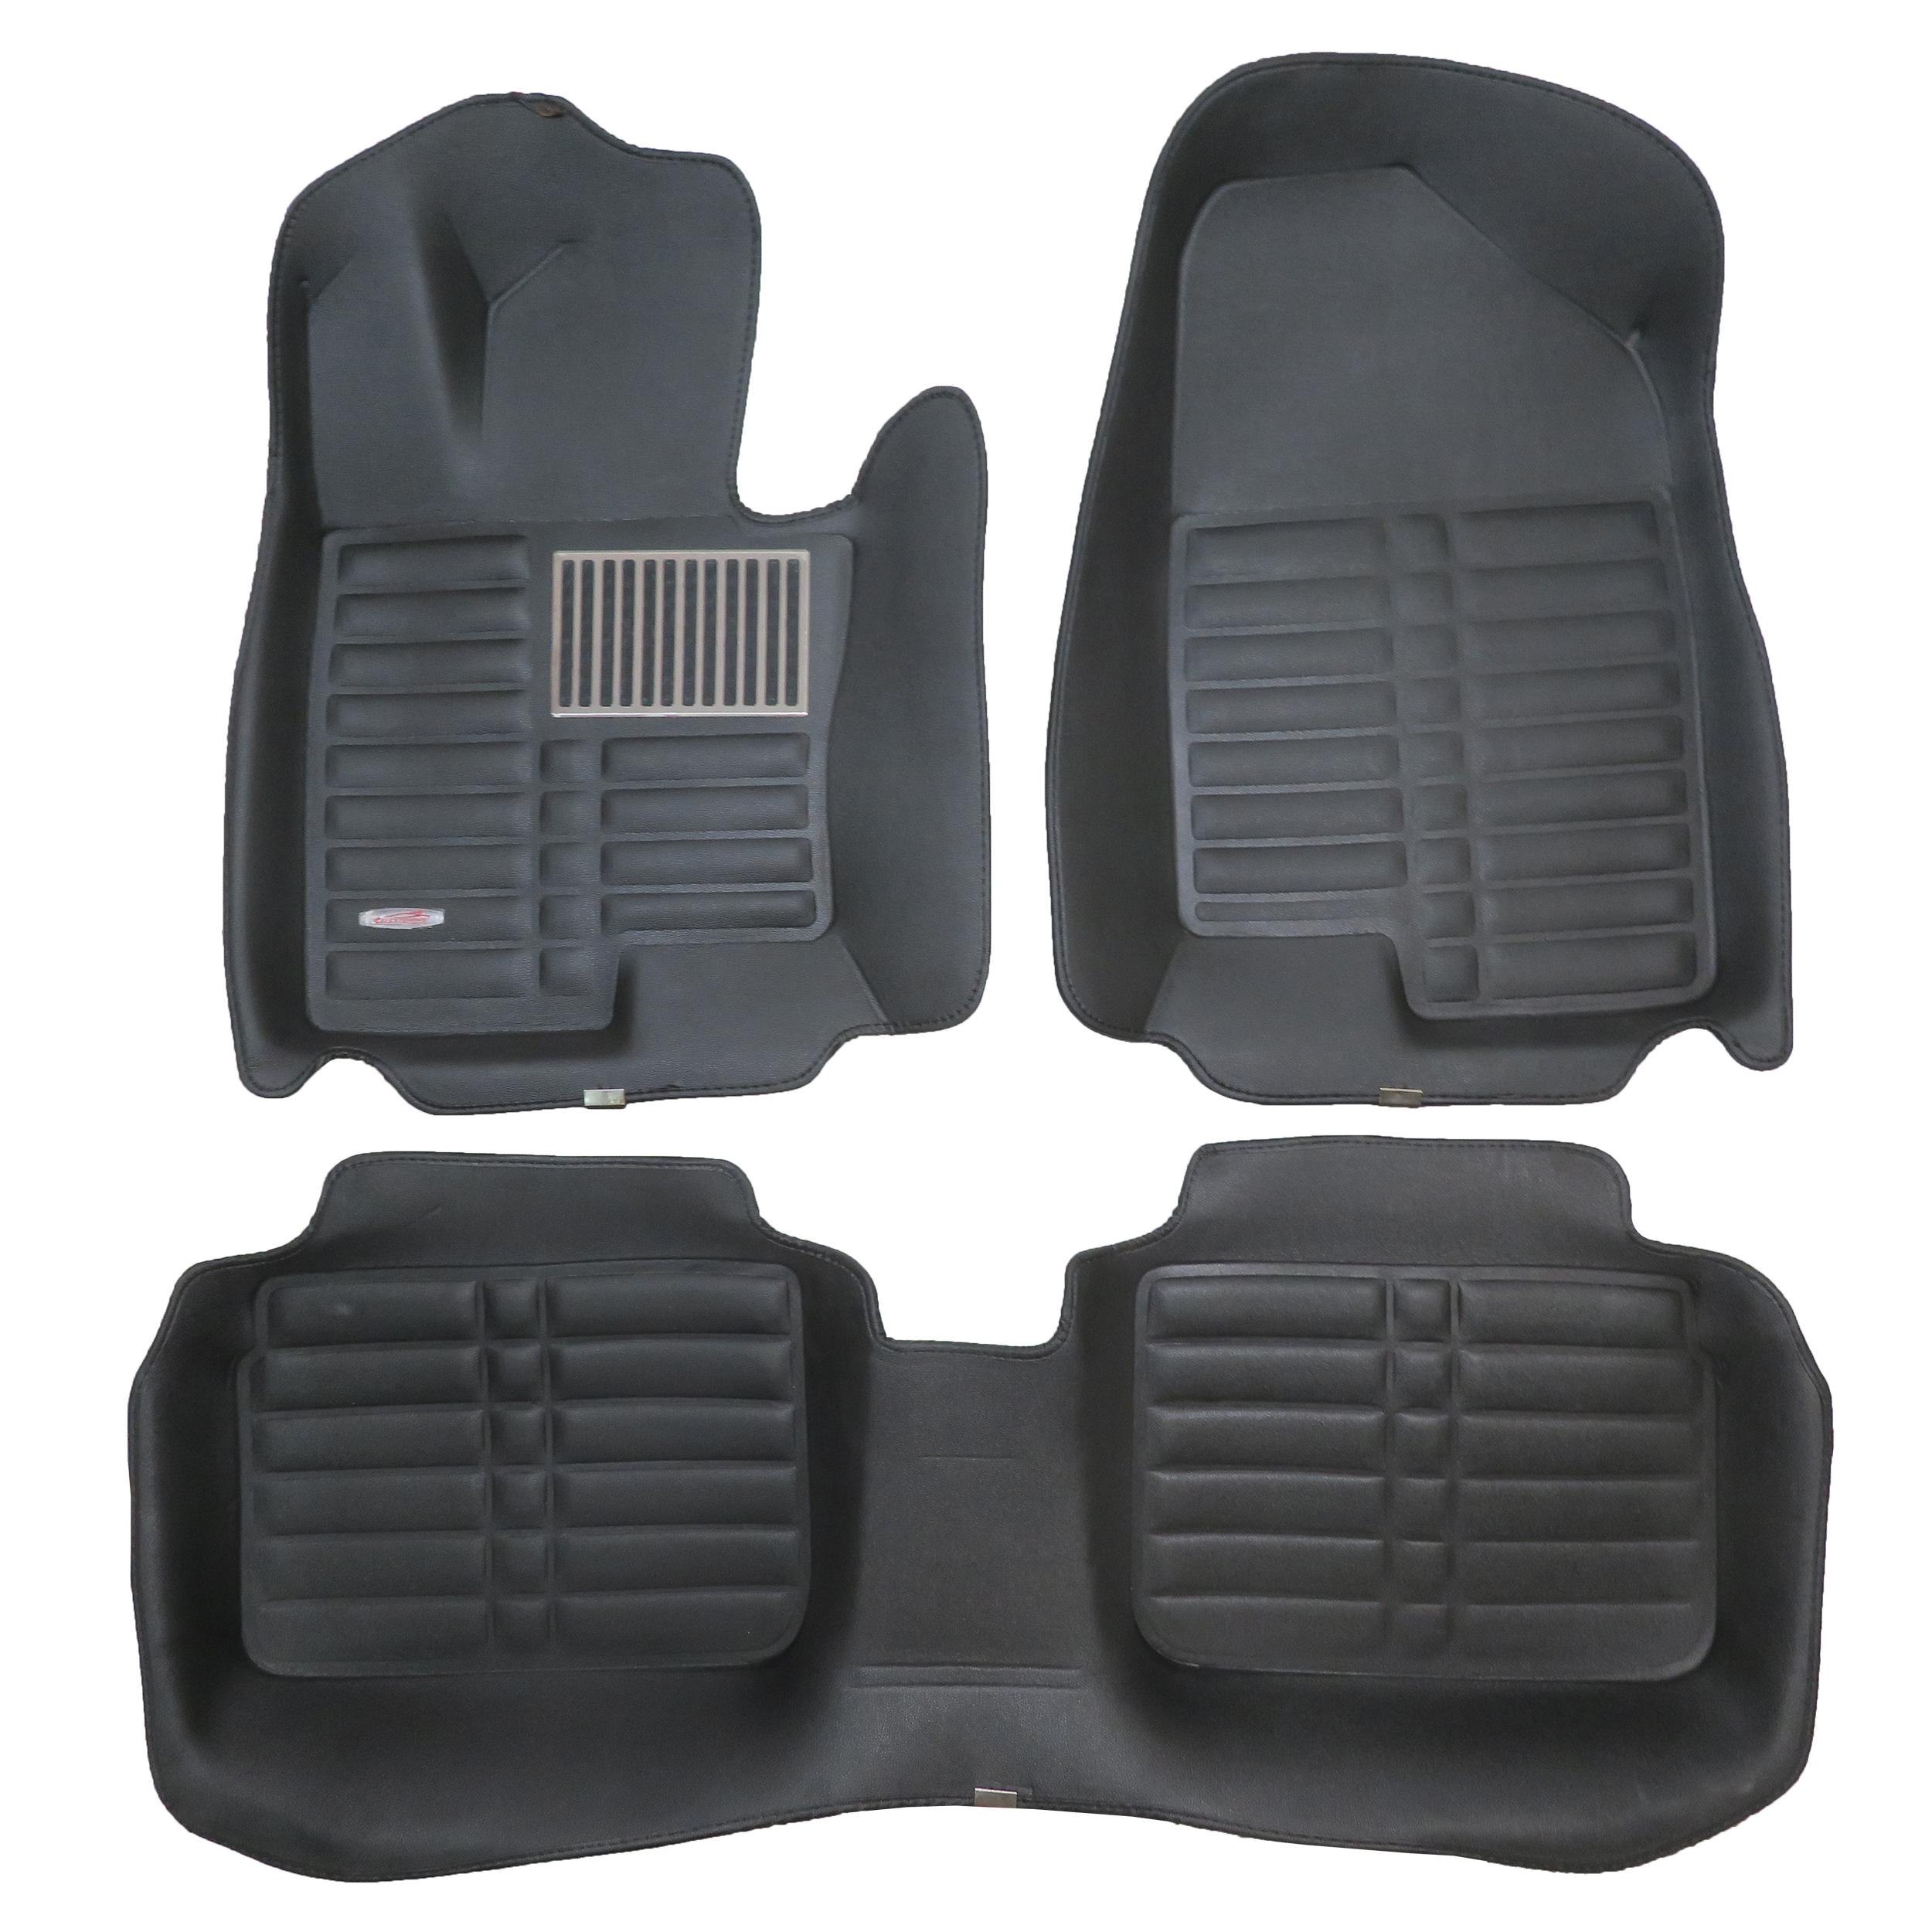 روکش صندلی خودرو مدل sv02 مناسب برای کیا اپتیما